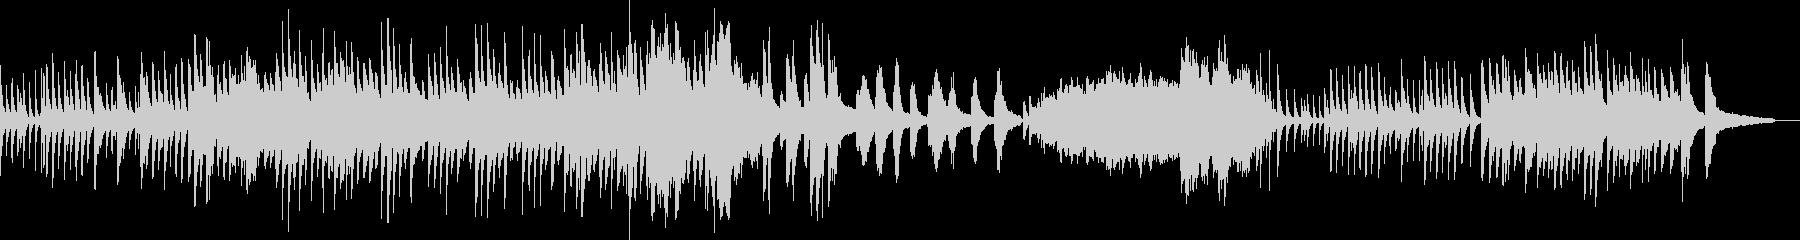 秋の夜空をイメージ・ピアノソロの未再生の波形